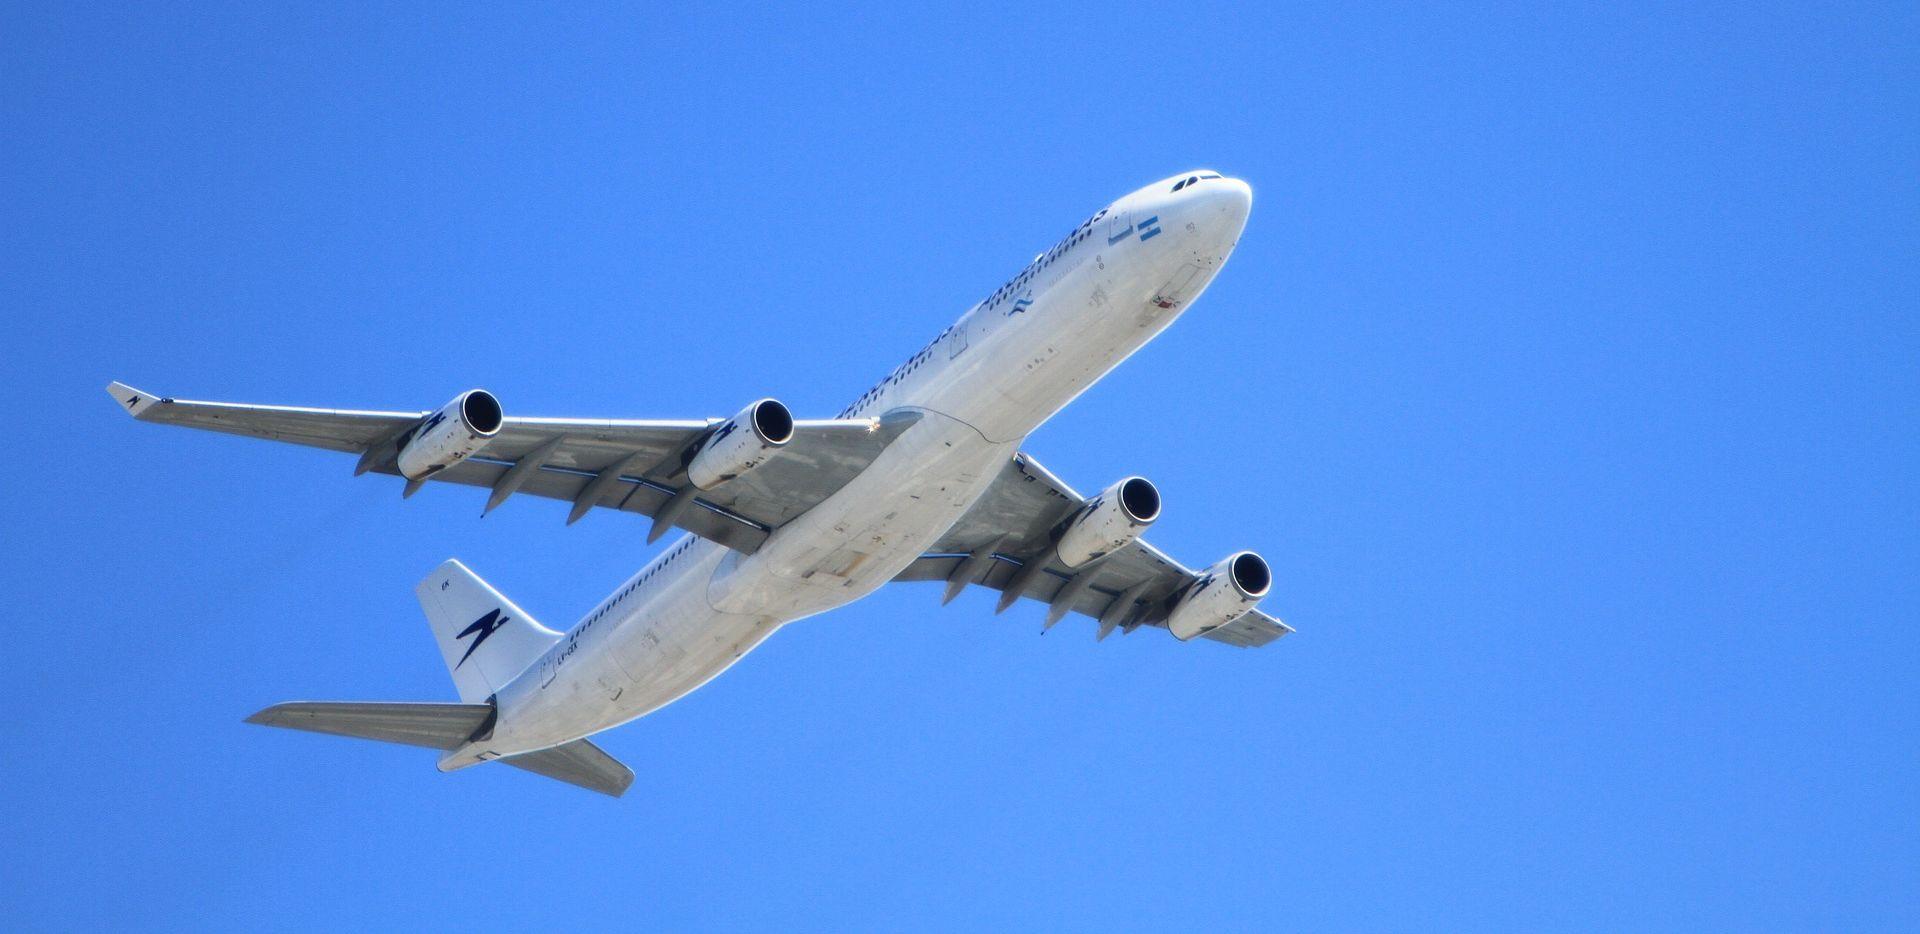 Zrakoplovne kompanije žale se EK zbog štrajkova u Francuskoj